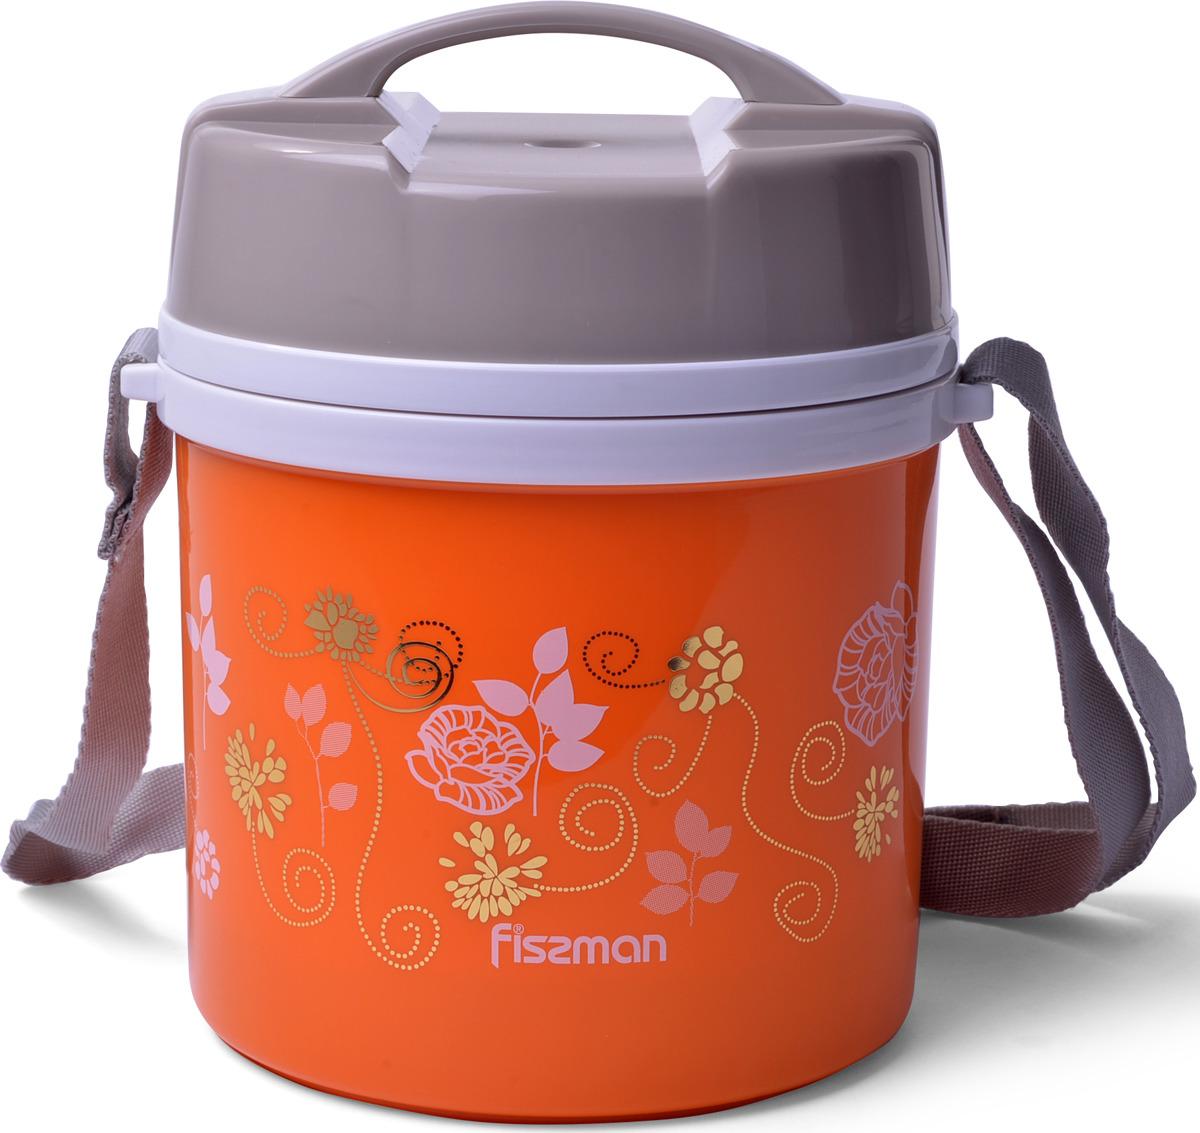 Термос Fissman, 7940, с широким горлом, 2 контейнера, ложка, оранжевый, 1,4 л